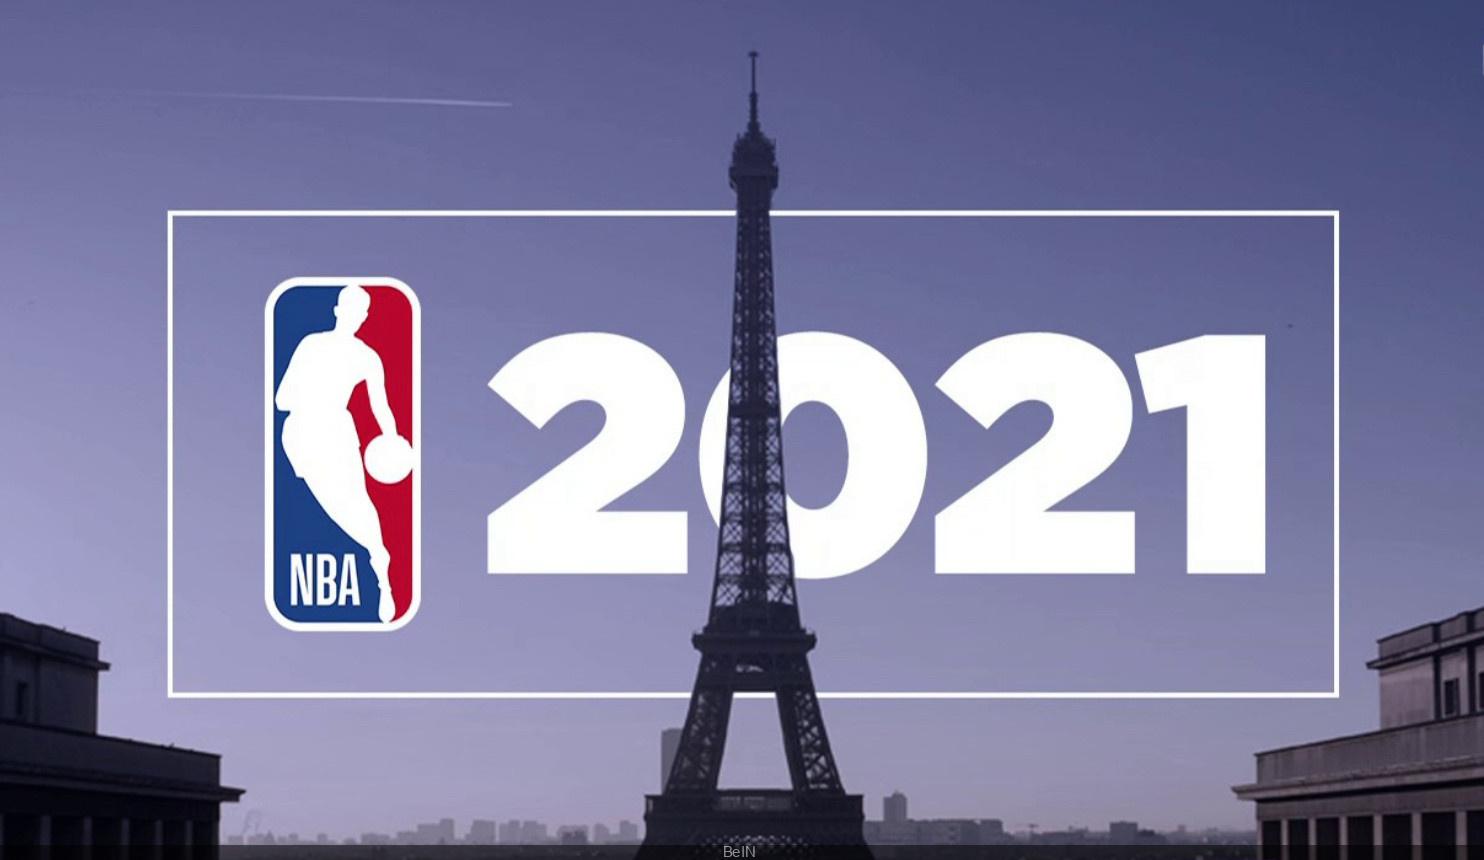 NBA à Paris : le match prévu en 2021 annulé à cause du coronavirus